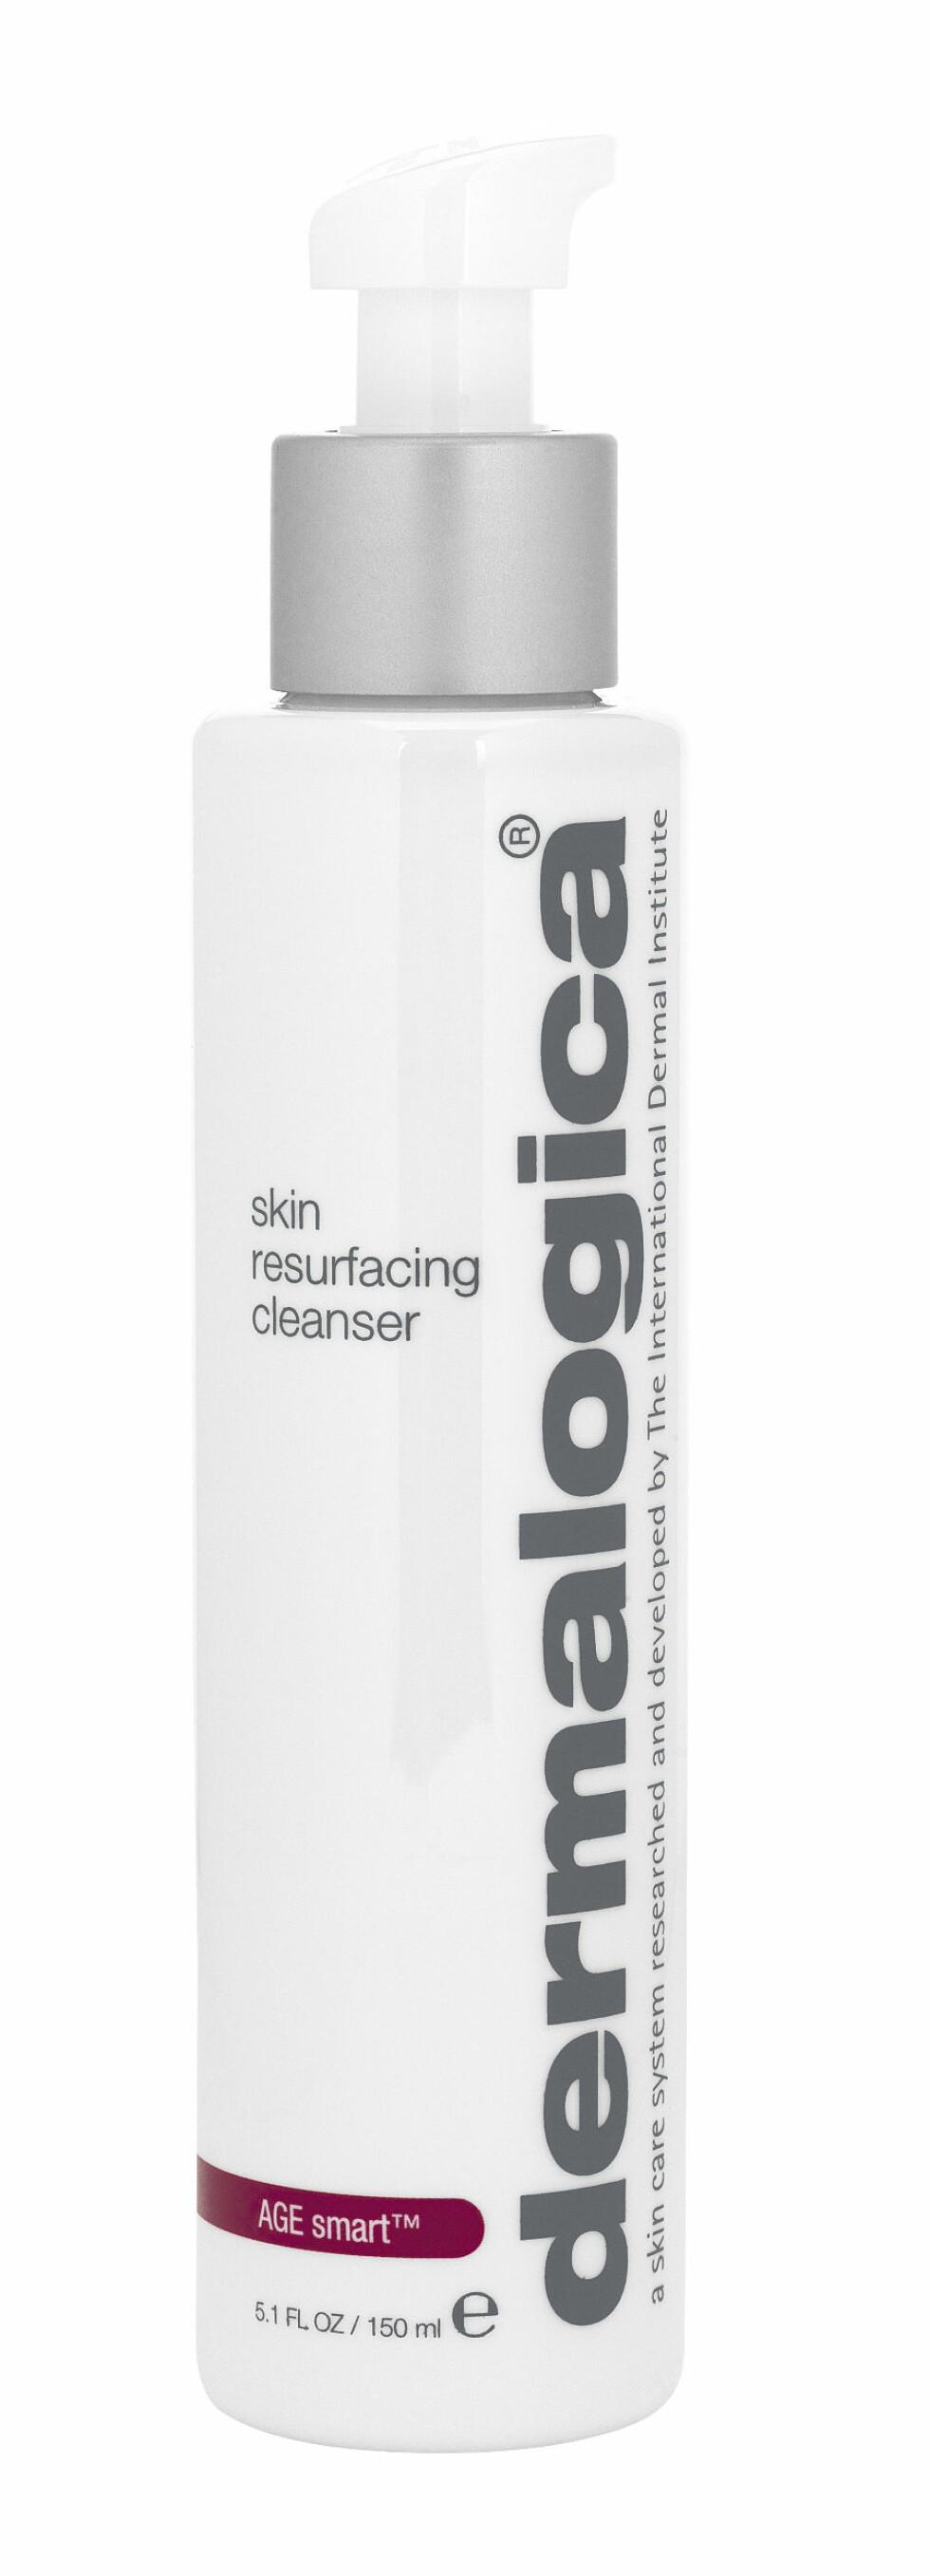 Skin Resurfacing Cleanser fra Dermalogica er et dobbeltvirkende, eksfolierende renseprodukt, kr 545. Foto: Produsenten